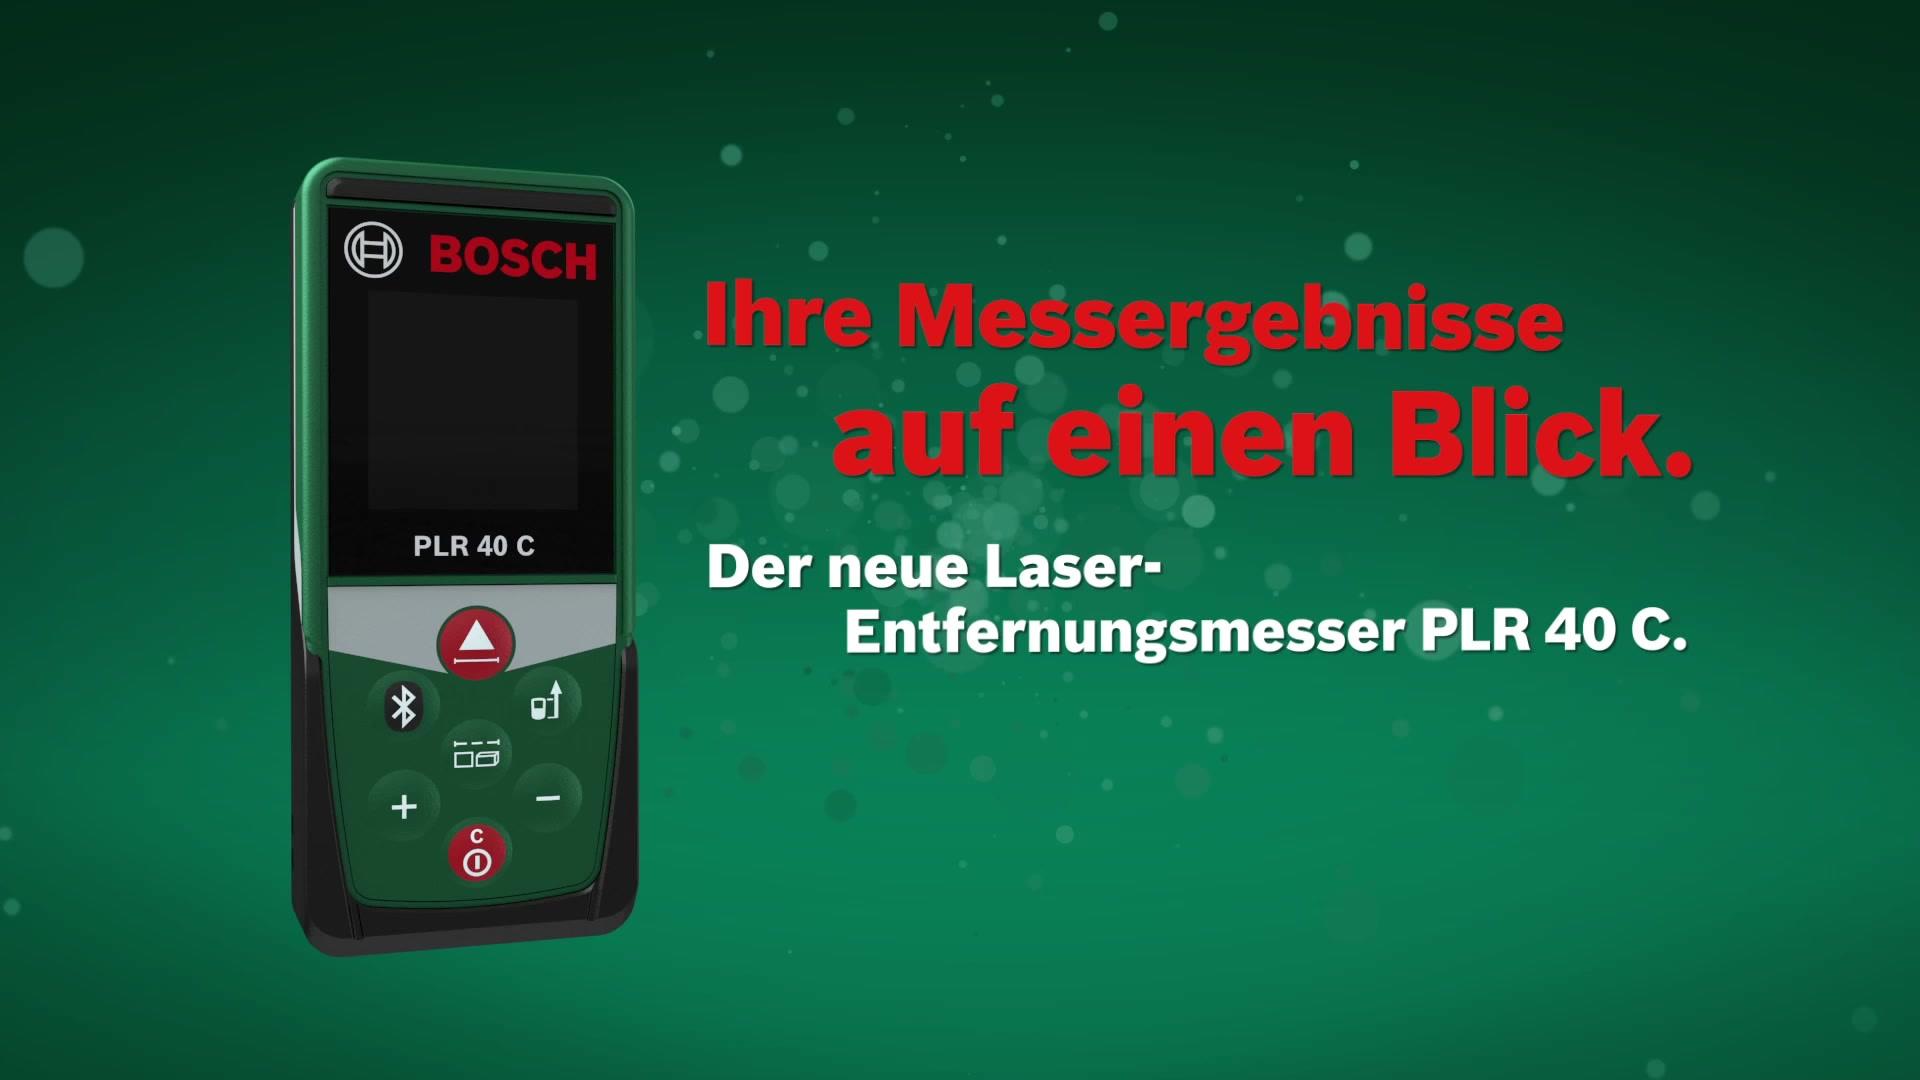 Digitaler Entfernungsmesser Bosch : Bosch laser entfernungsmesser plr c« hagebau